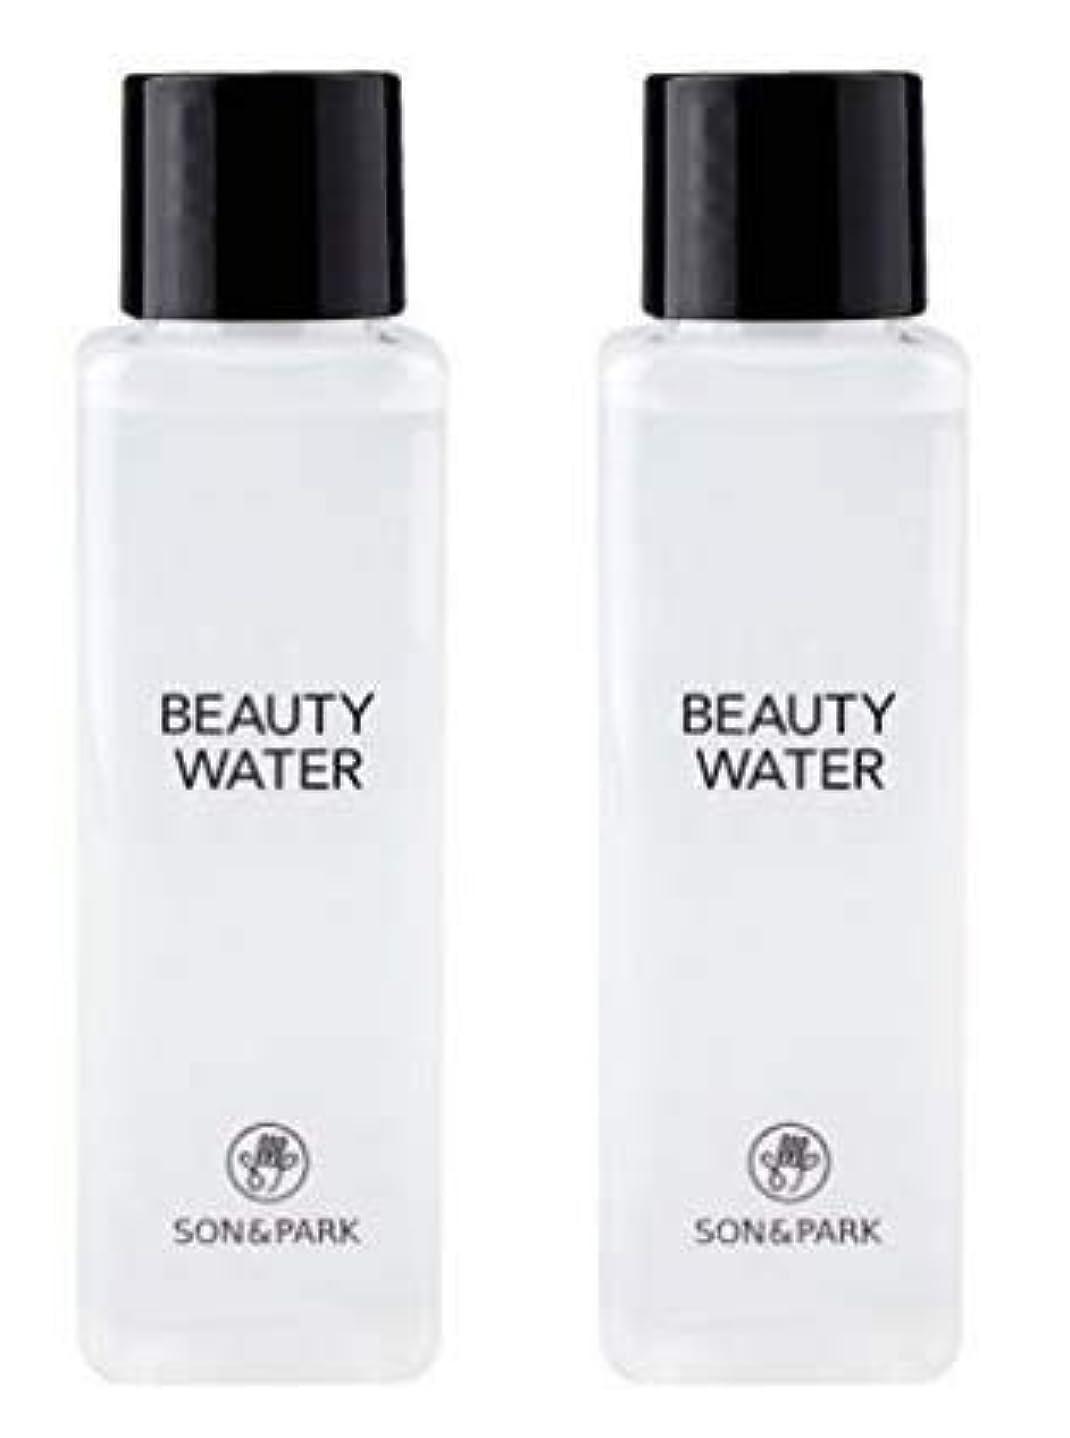 SON&PARK Beauty Water 60ml*2 / ソン&パク ビューティー ウォーター 60ml*2 [並行輸入品]